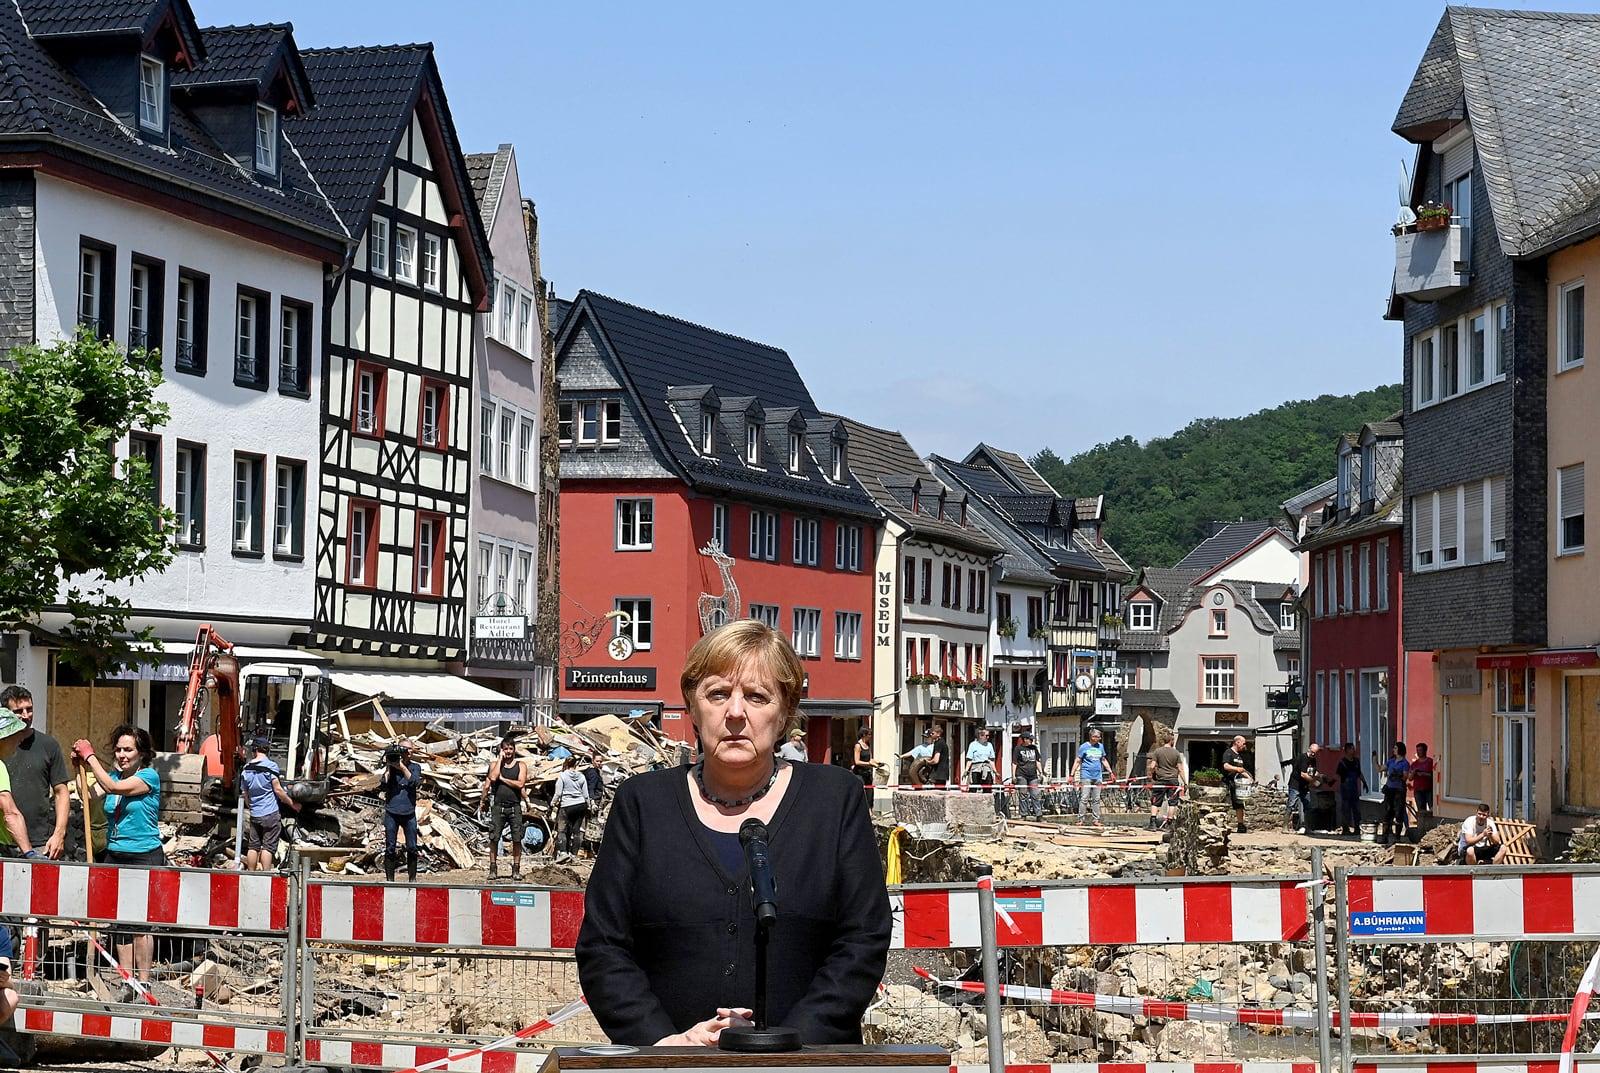 Angela Merkel, el 20 de juliol, en una conferència de premsa a Bad Münstereifel, Rin del Nord-Westfàlia, després de les inundacions que van afectar l'oest d'Alemanya. Fotografia de Christof Stache. AFP. Getty Images.